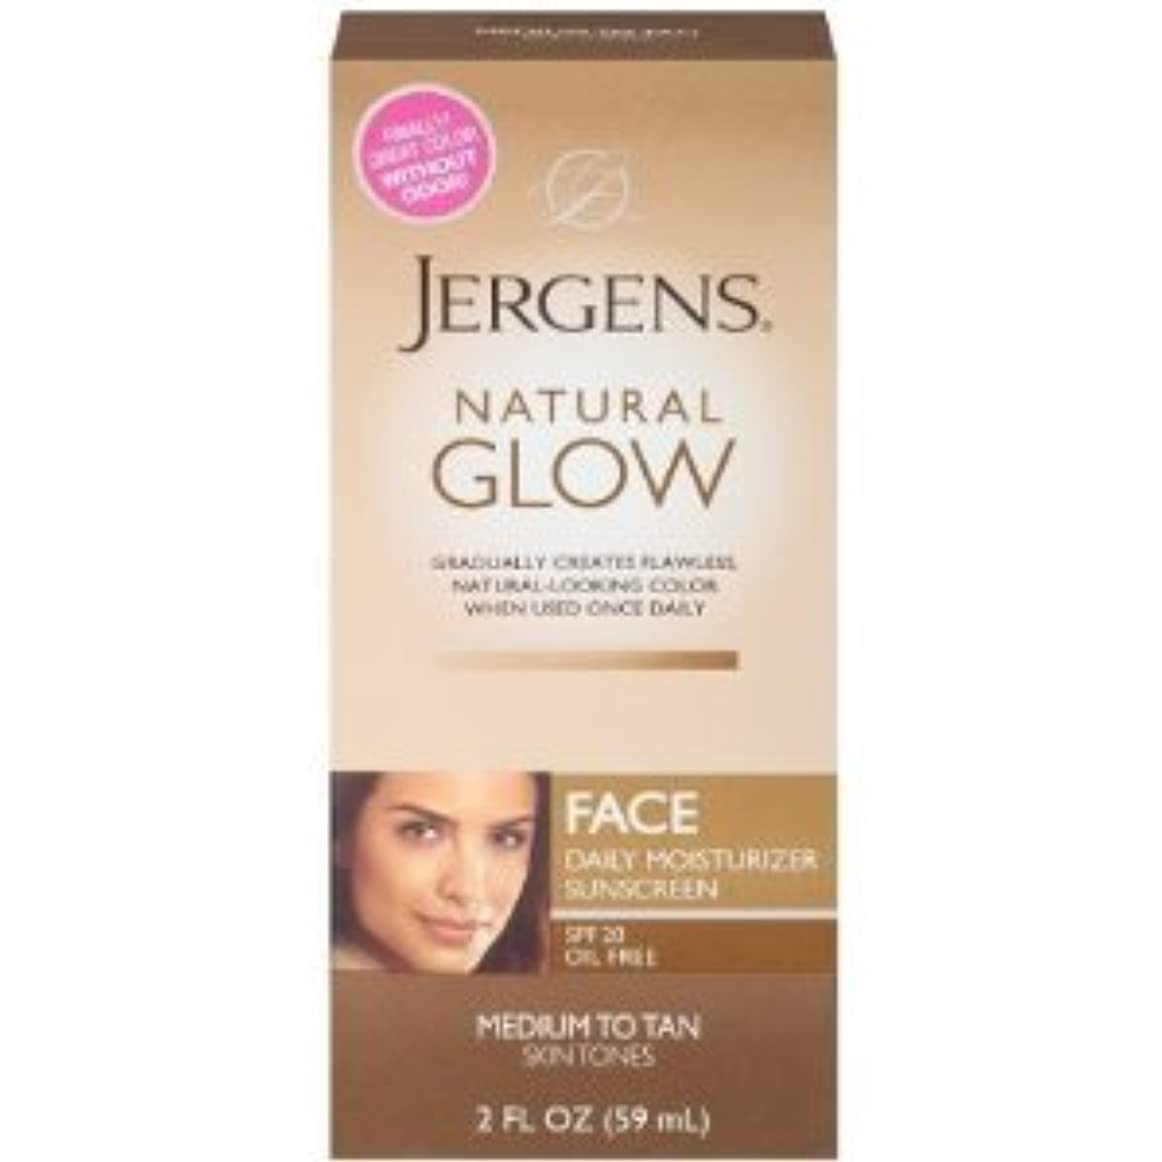 フリースこっそり軽くNatural Glow Healthy Complexion Daily Facial Moisturizer, SPF 20, Medium to Tan, (59ml) (海外直送品)